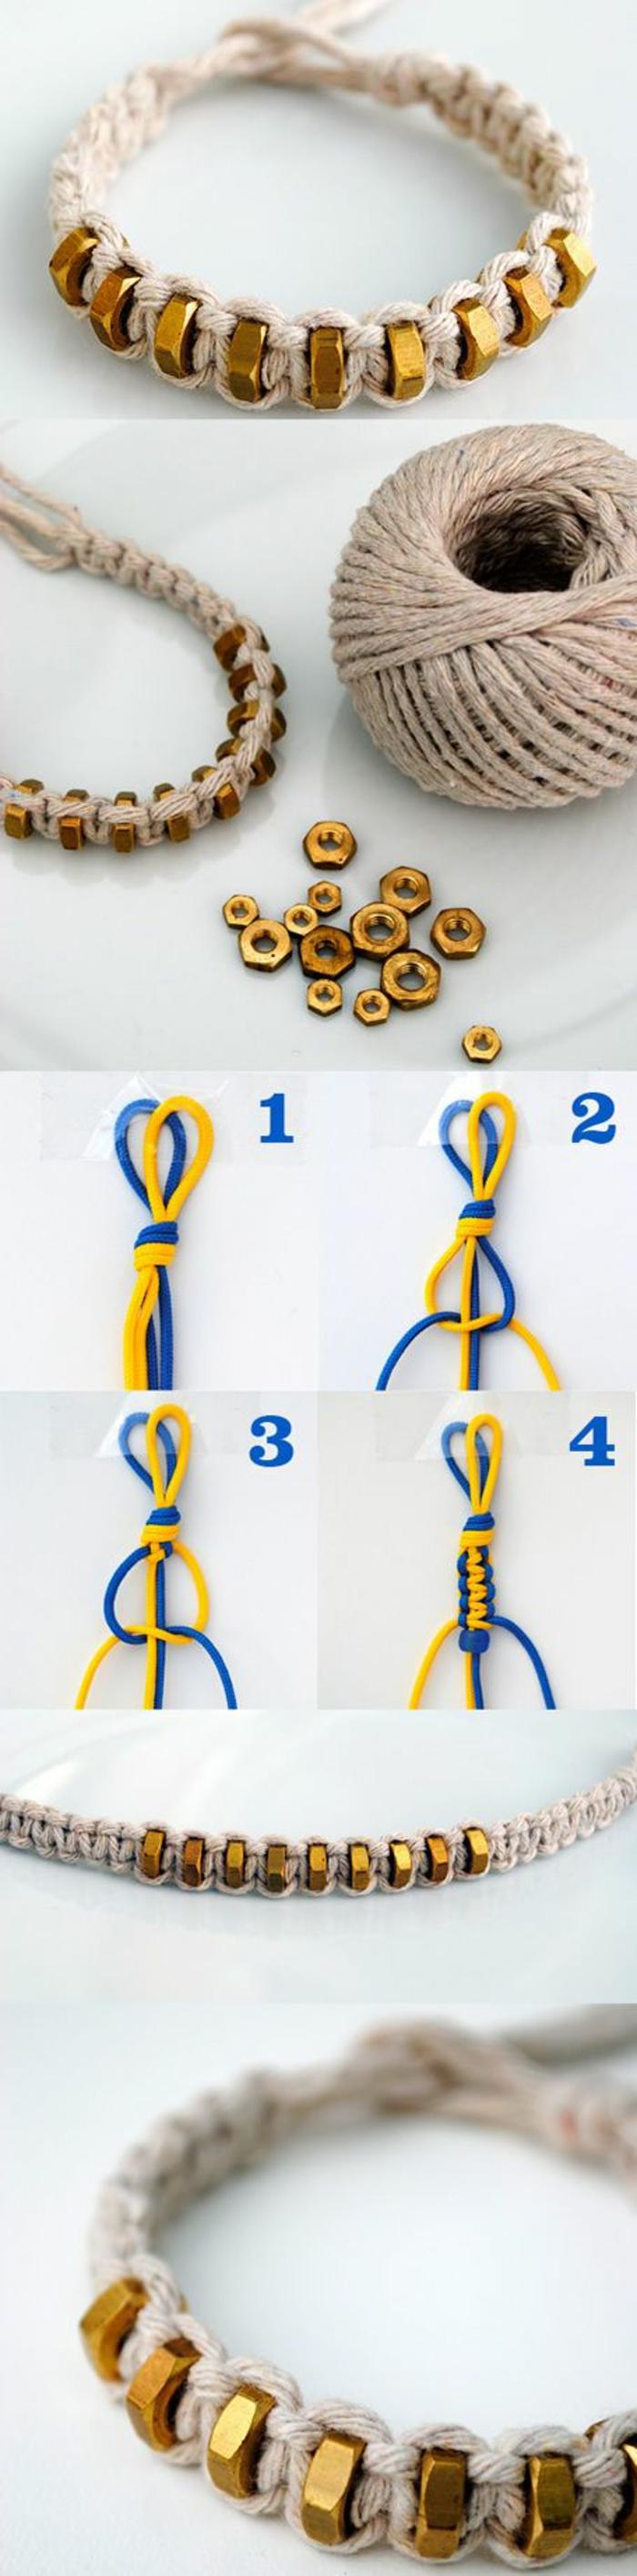 pulseras hechas a mano, diferentes ideas de manualidades para hacer en verano y regalos hechos a mano originales